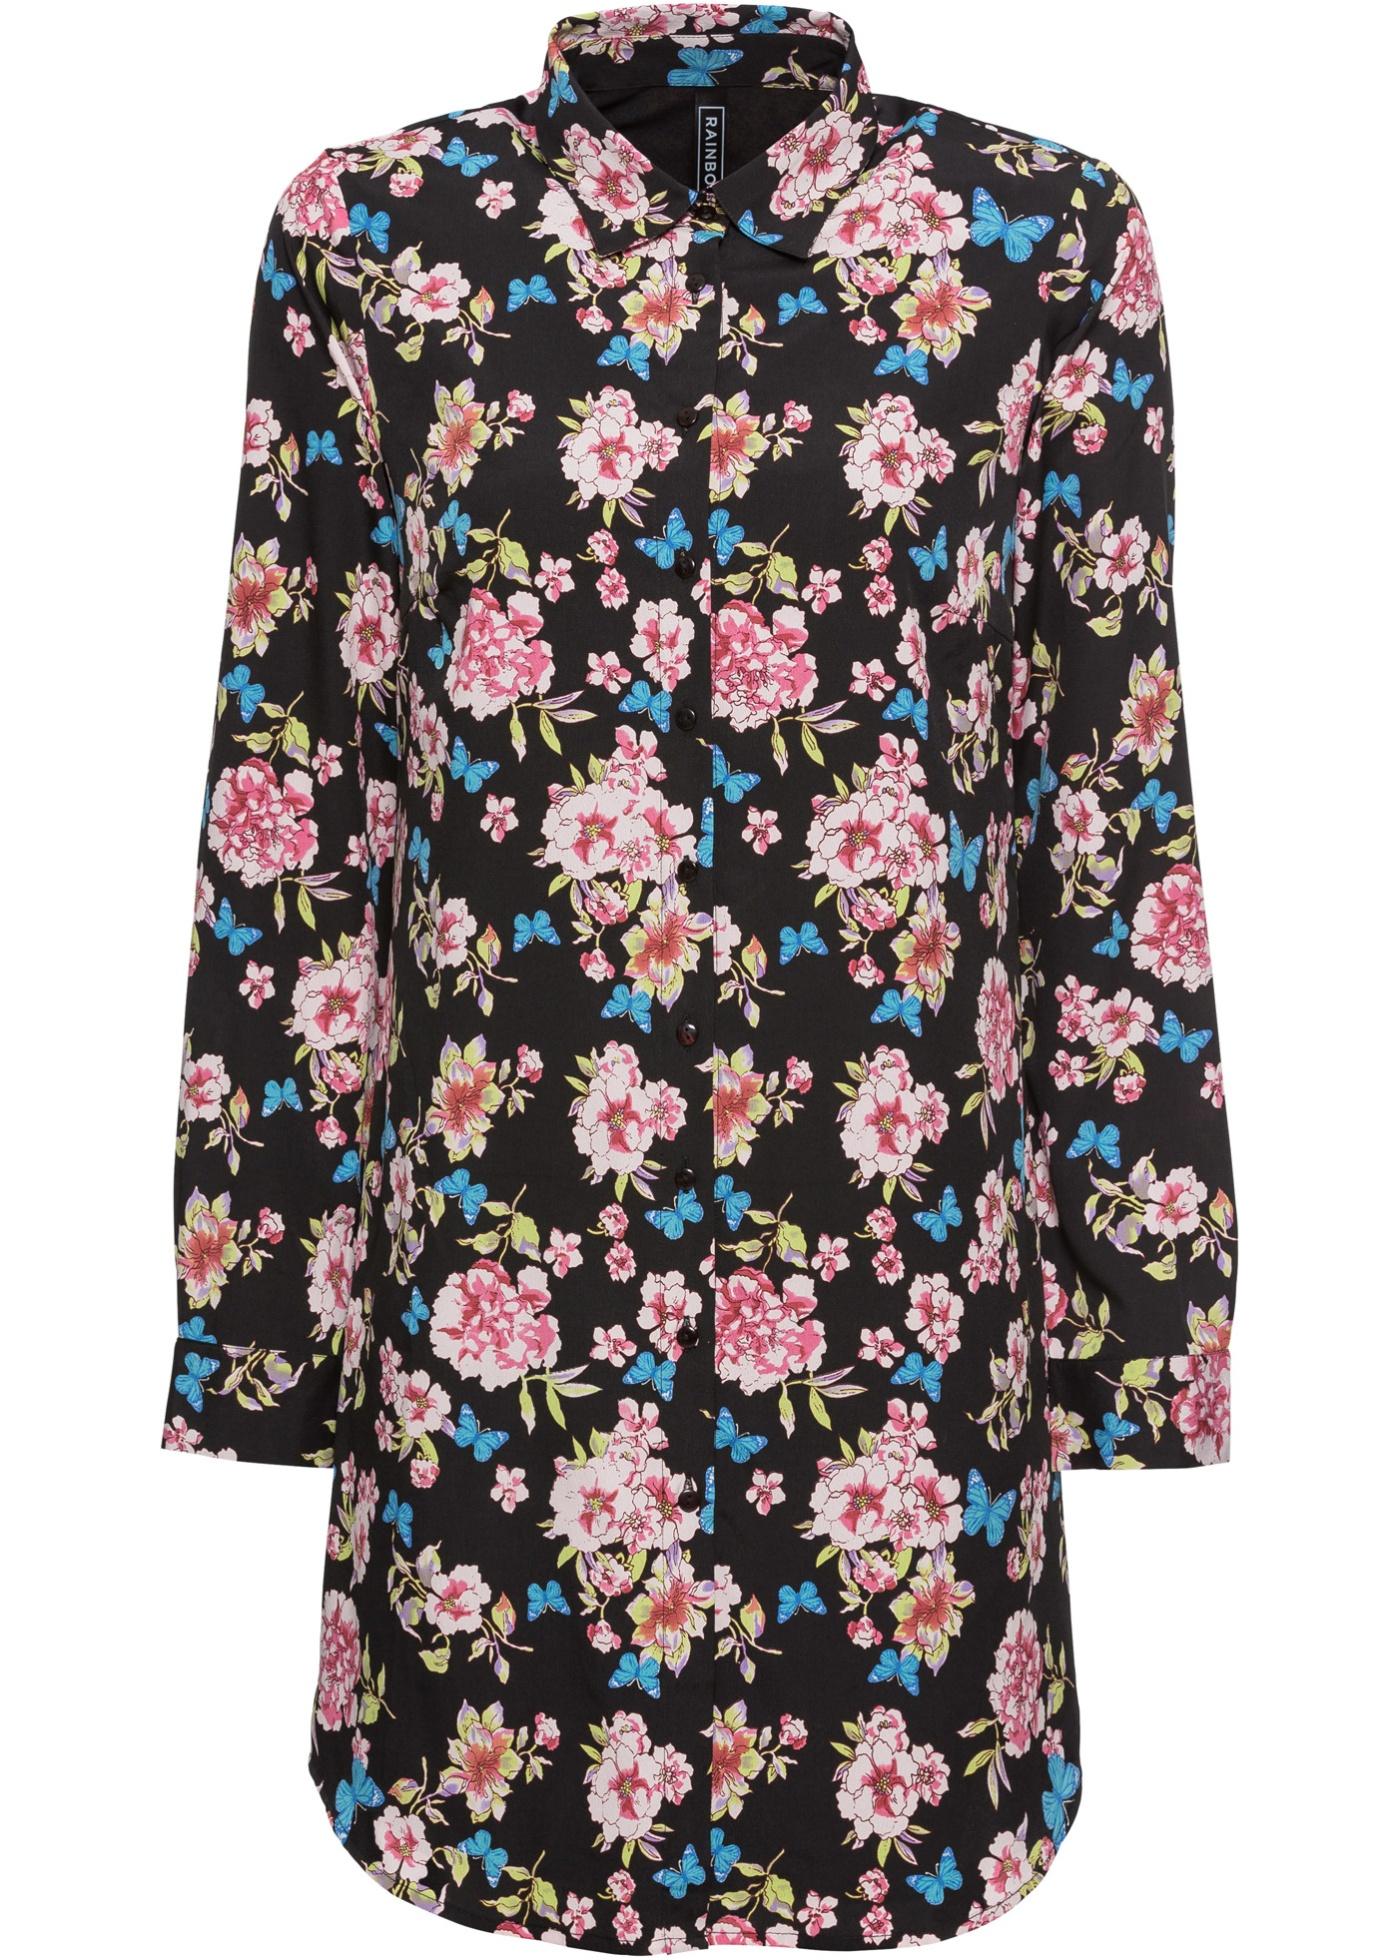 Bonprix SE - Skjortklänning 259.00